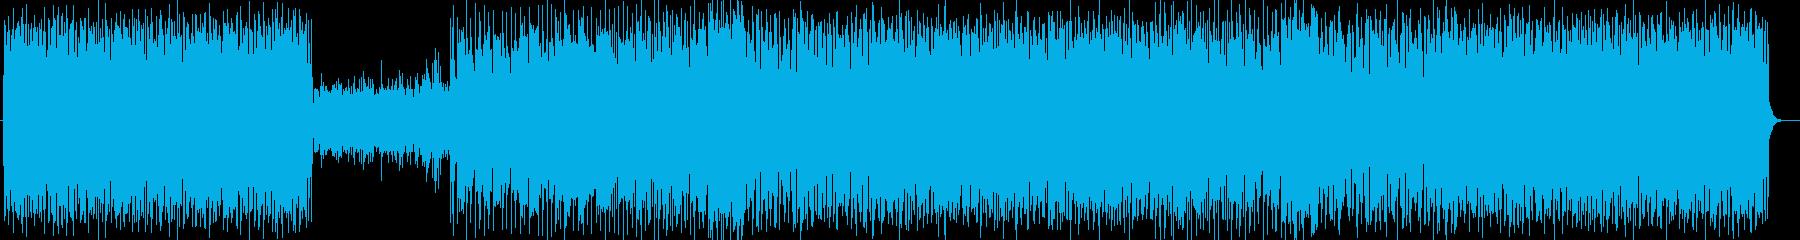 楽しくリズミカルなラテン調の楽曲の再生済みの波形